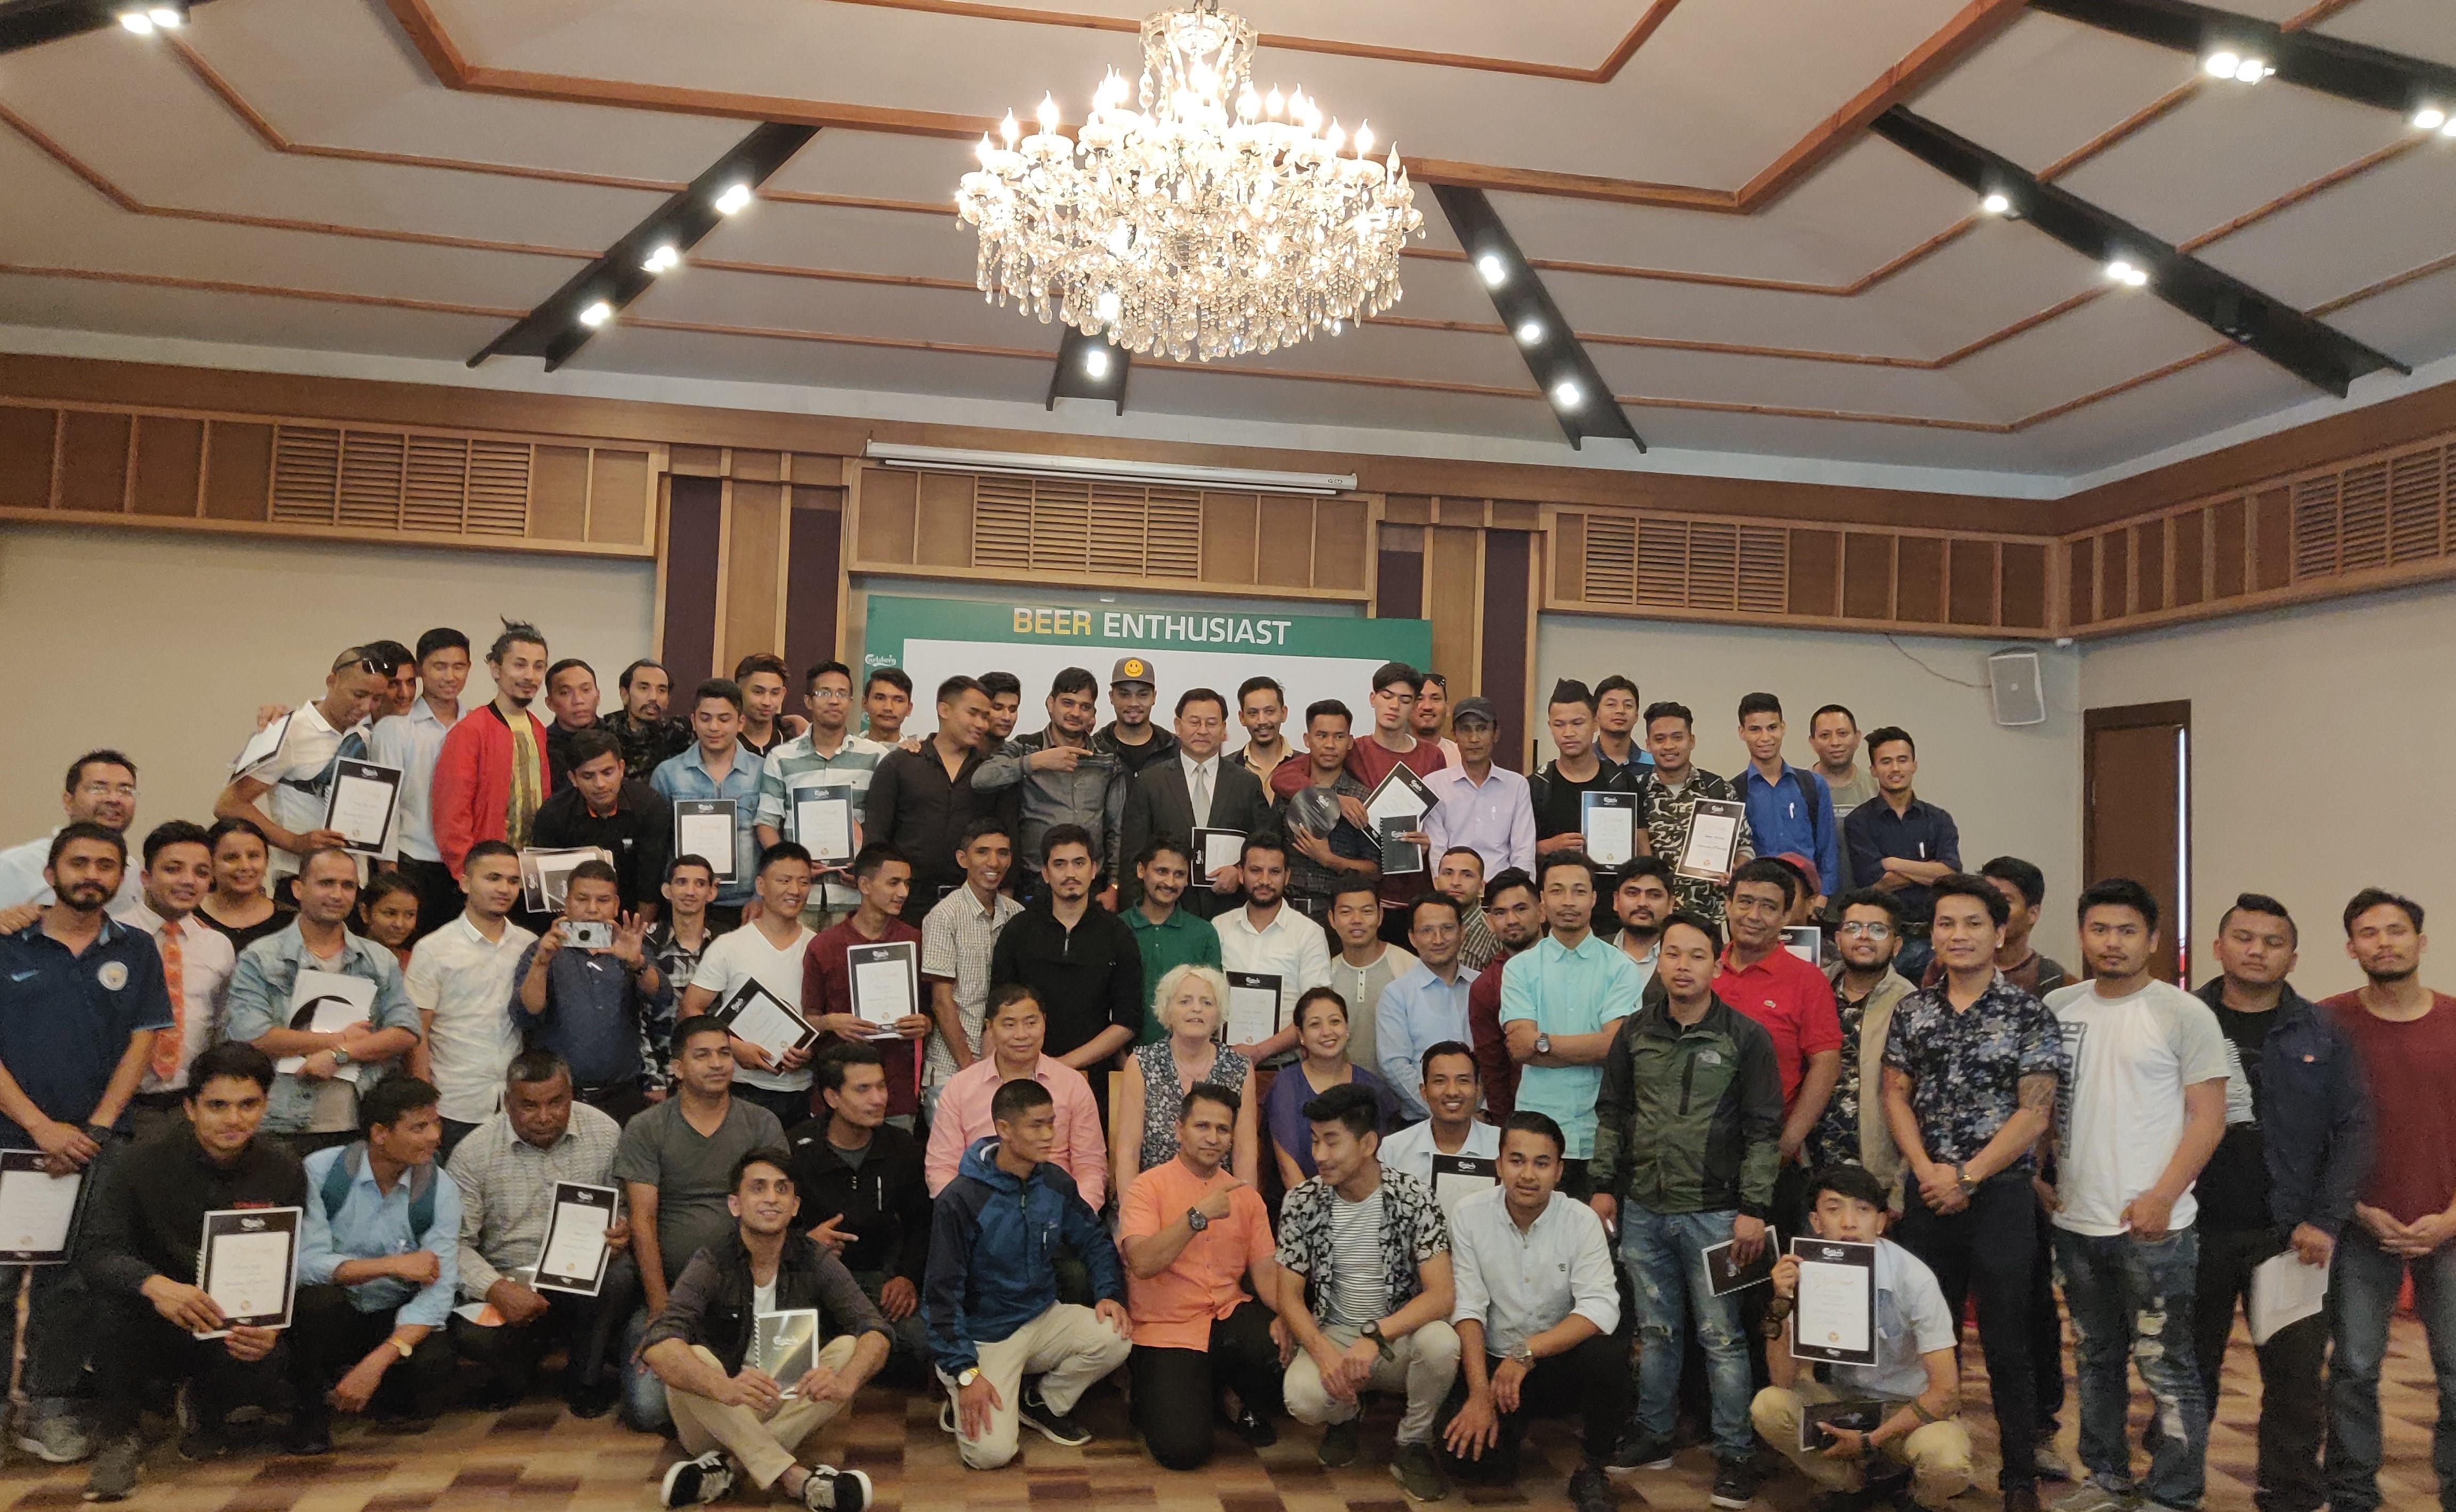 'एक्सबियरियन्स' : गोर्खा ब्रुअरीद्वारा बार स्टाफलाई तालिम